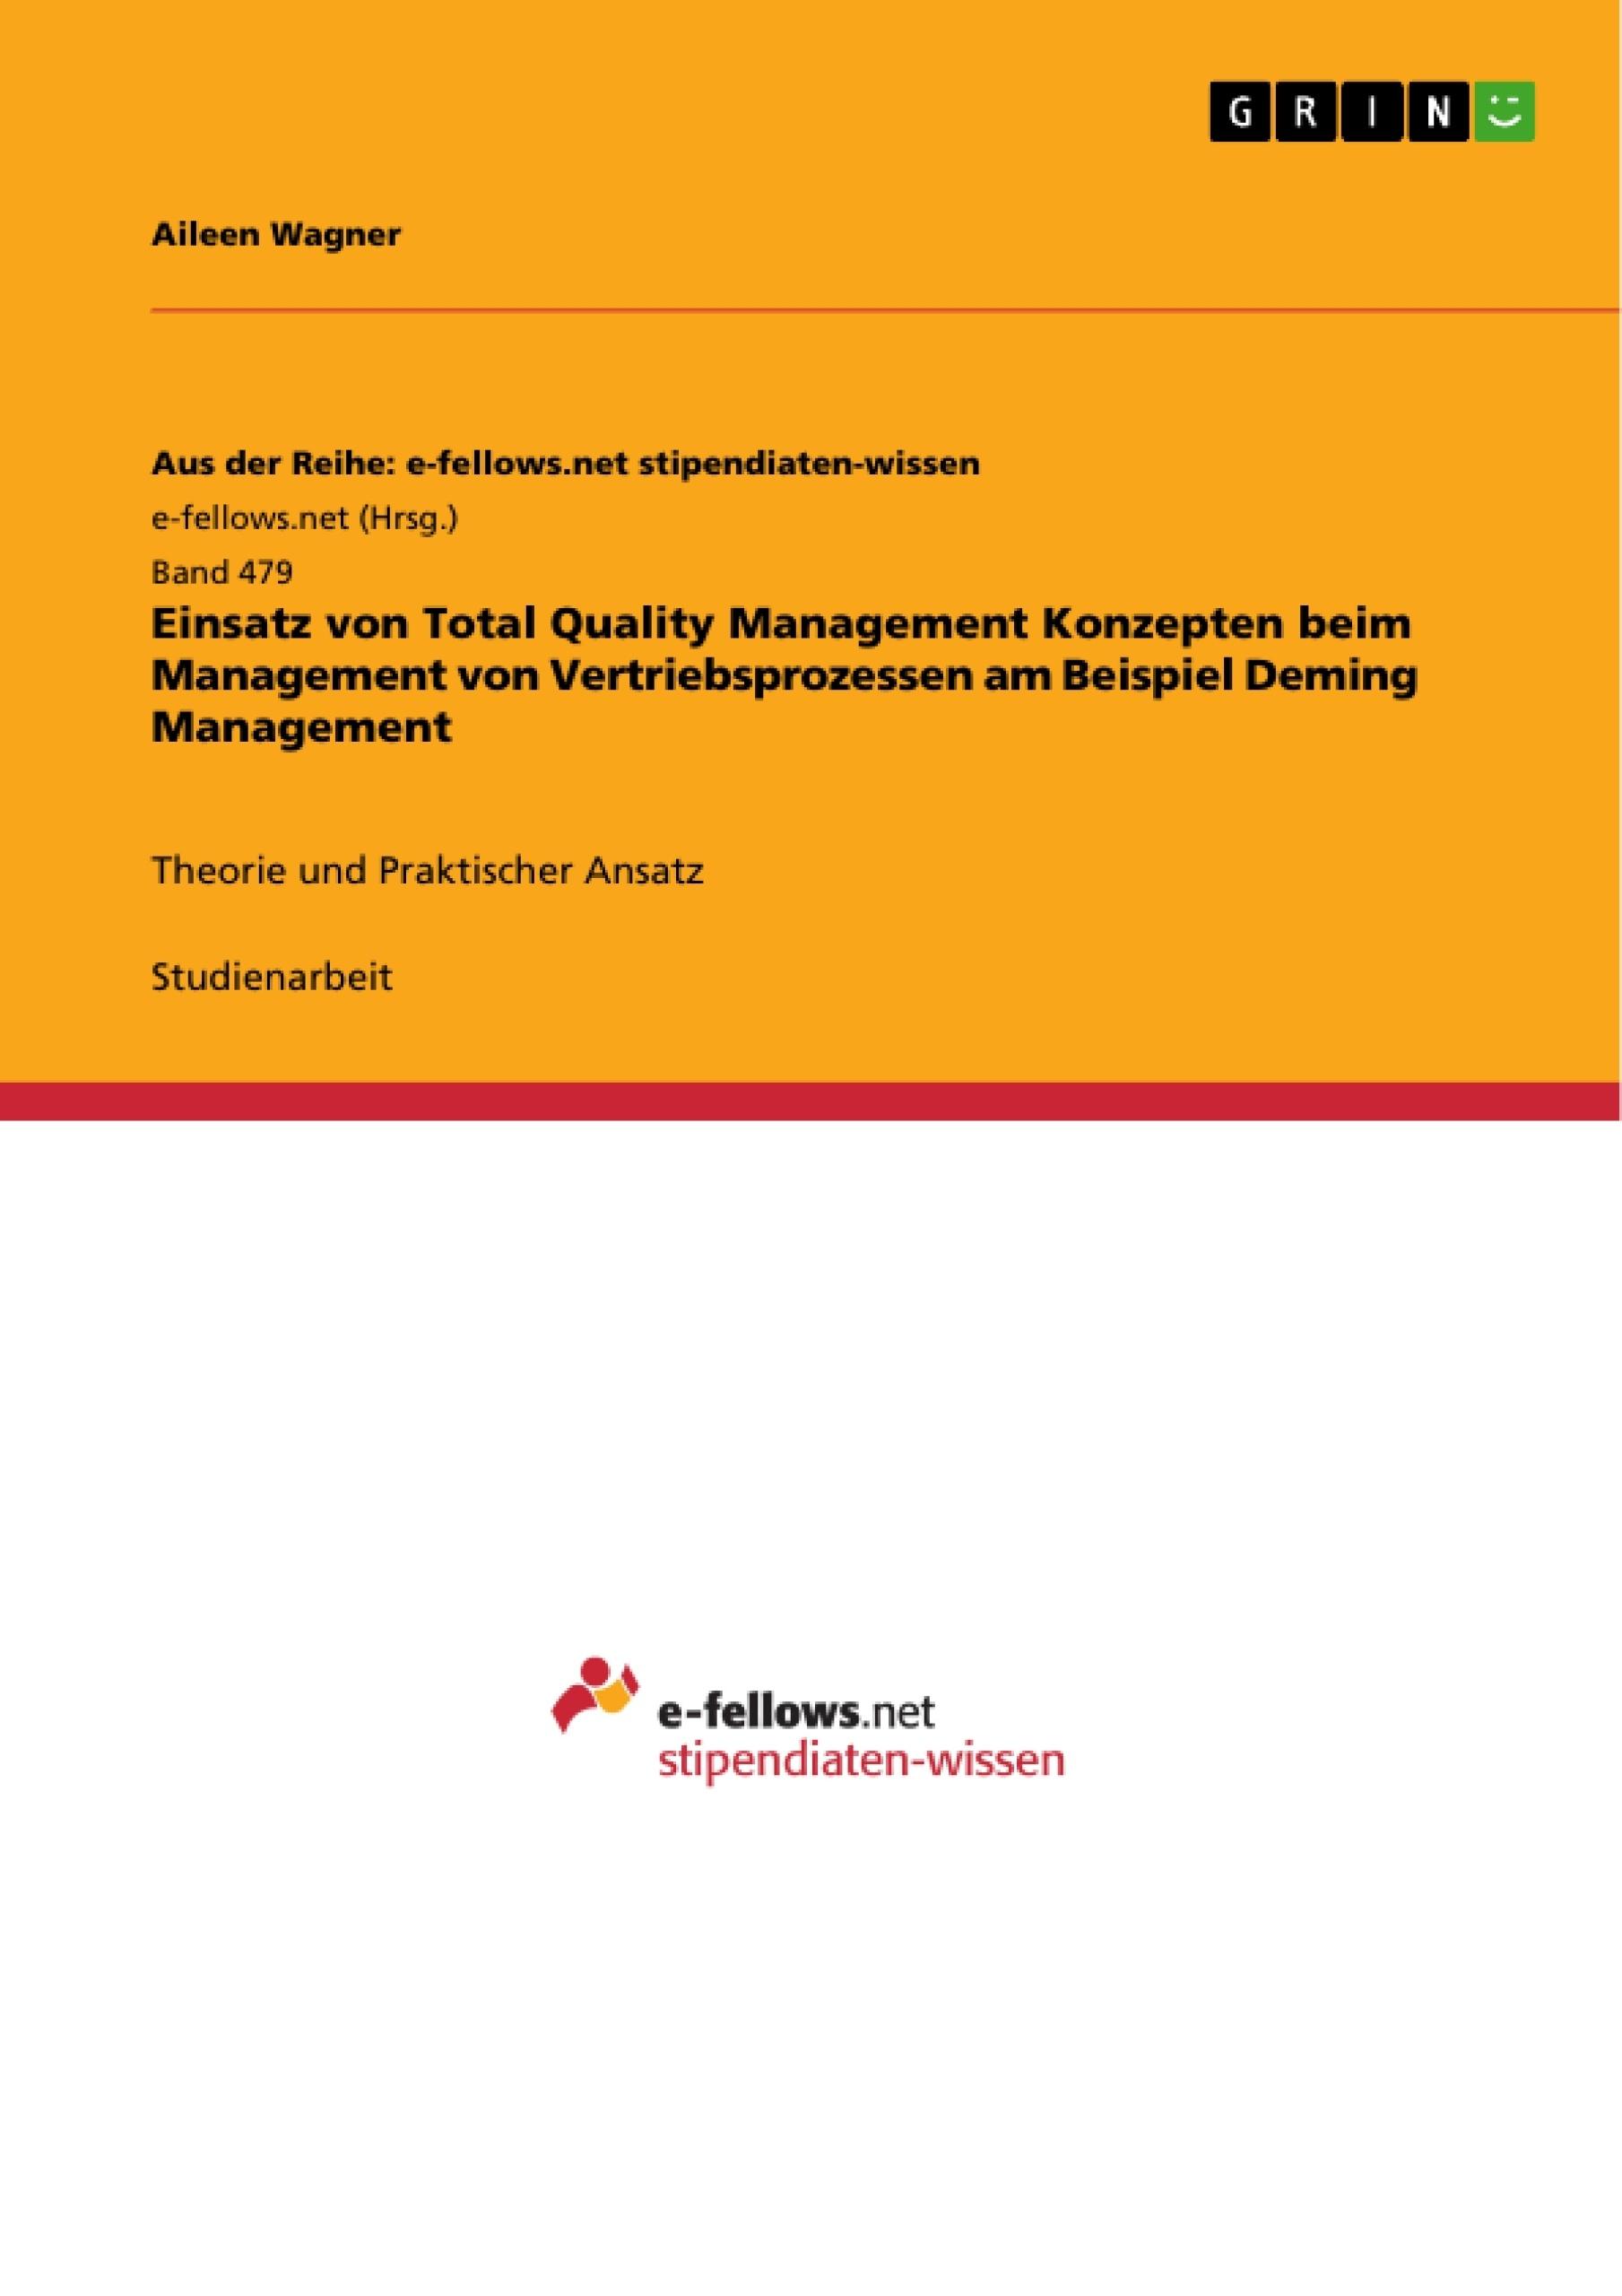 Titel: Einsatz von Total Quality Management Konzepten beim Management von Vertriebsprozessen am Beispiel Deming Management